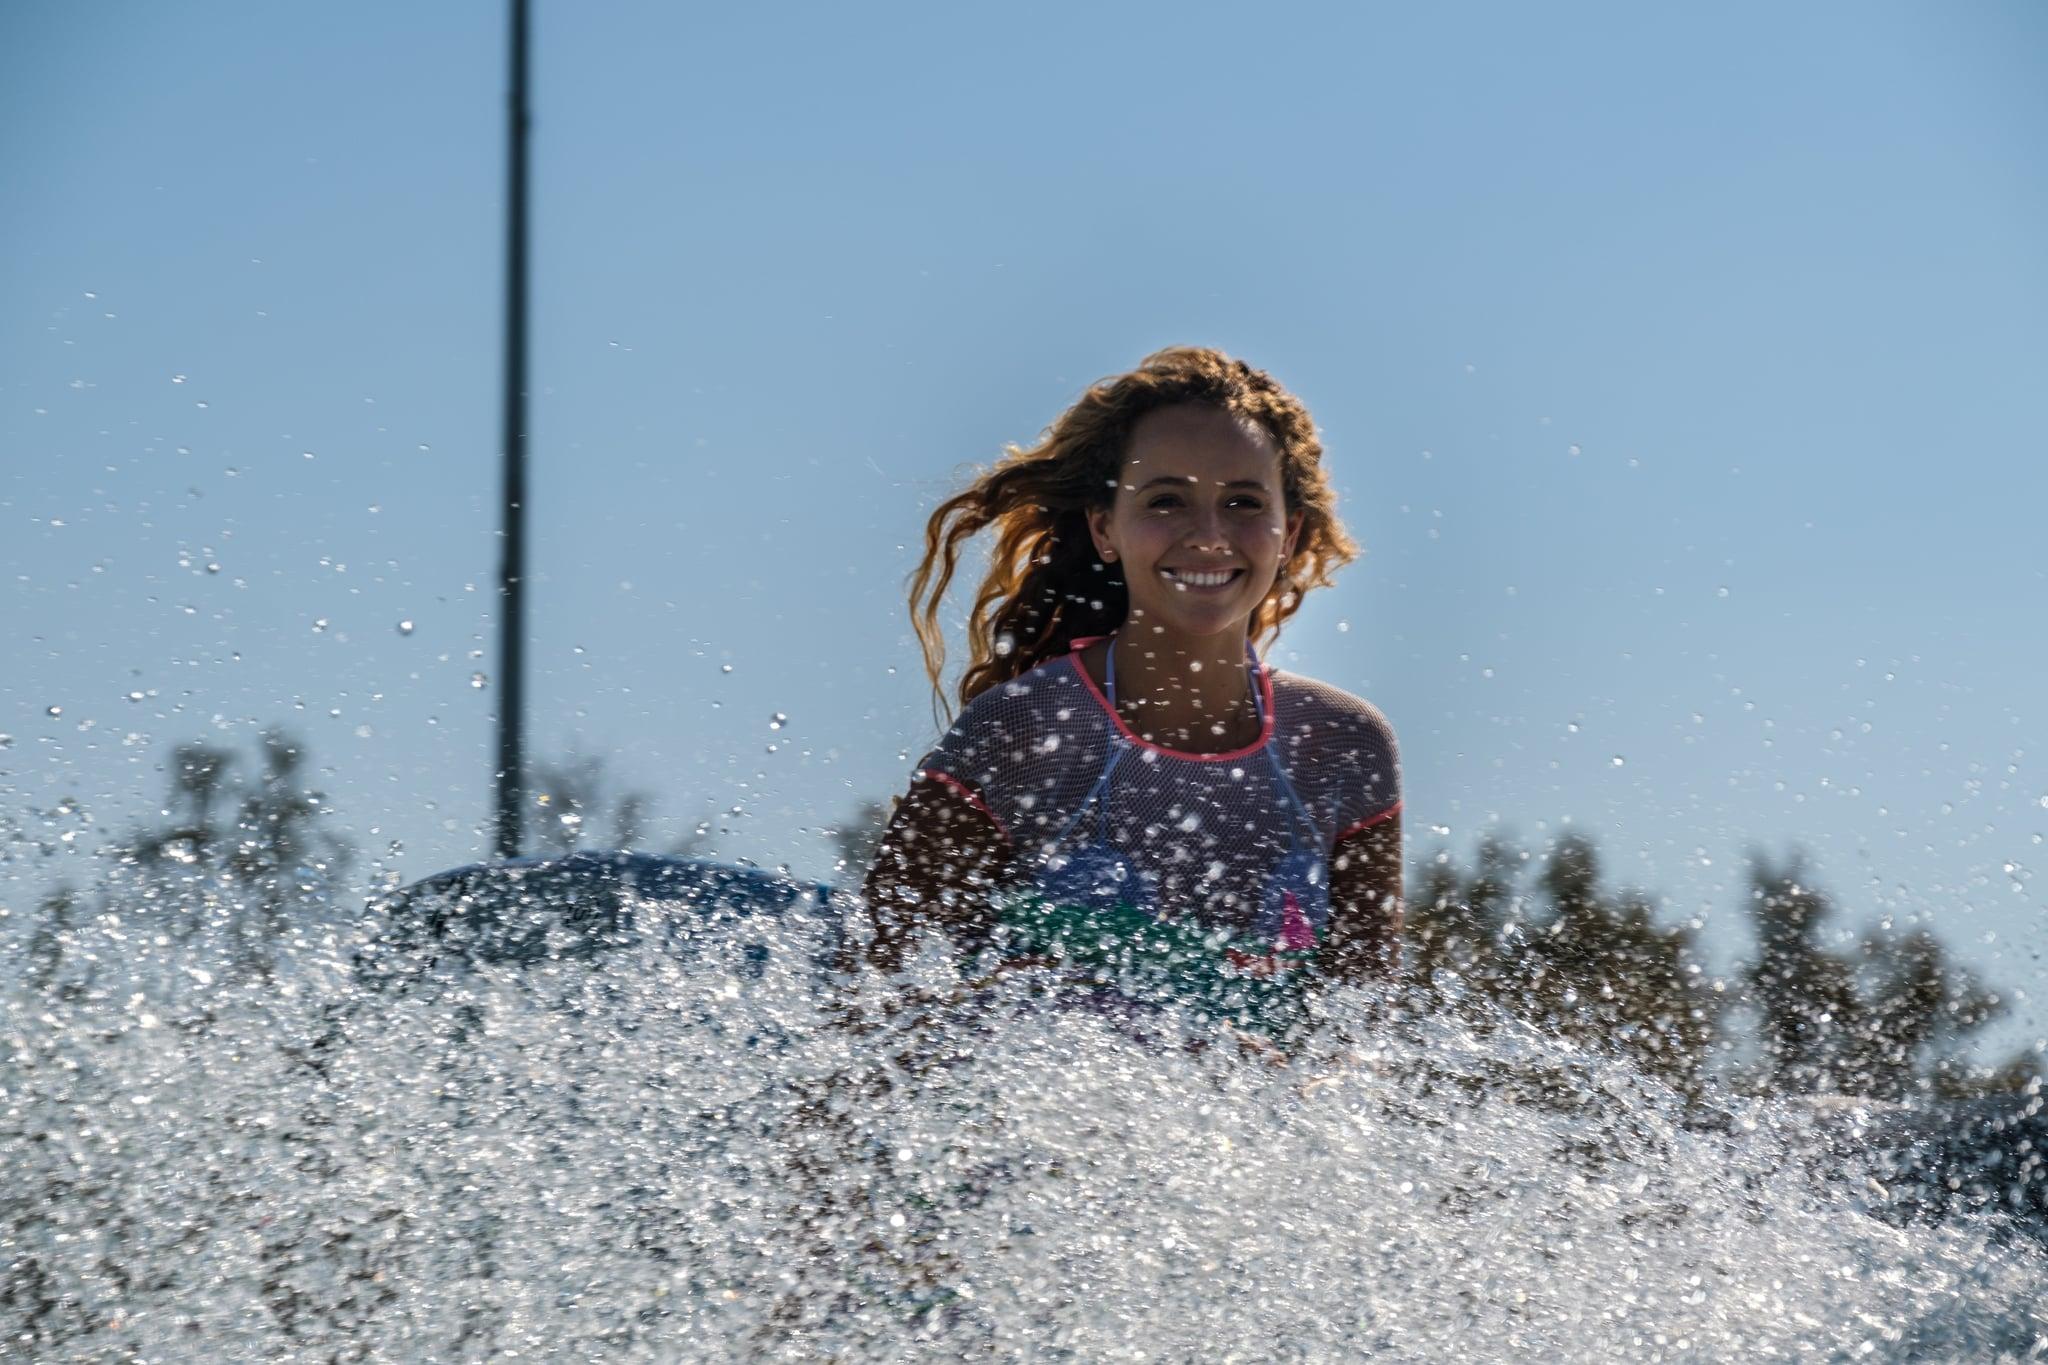 Malia Ward, The Ultimate Surfer contestant